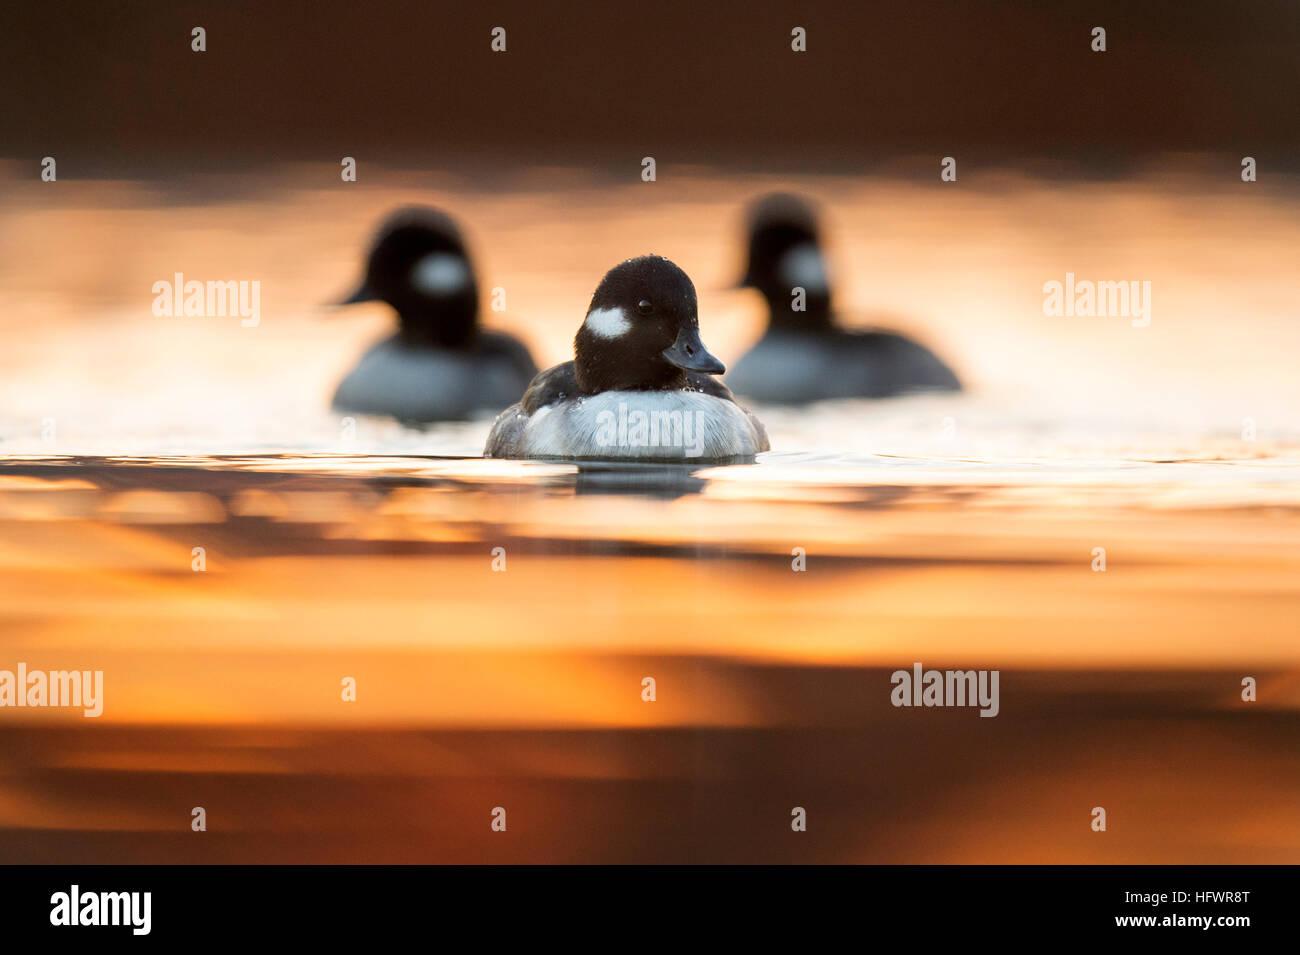 Un piccolo gruppo di galline Bufflehead nuotare direttamente verso di me nella riflessione del RISING SUN. Immagini Stock